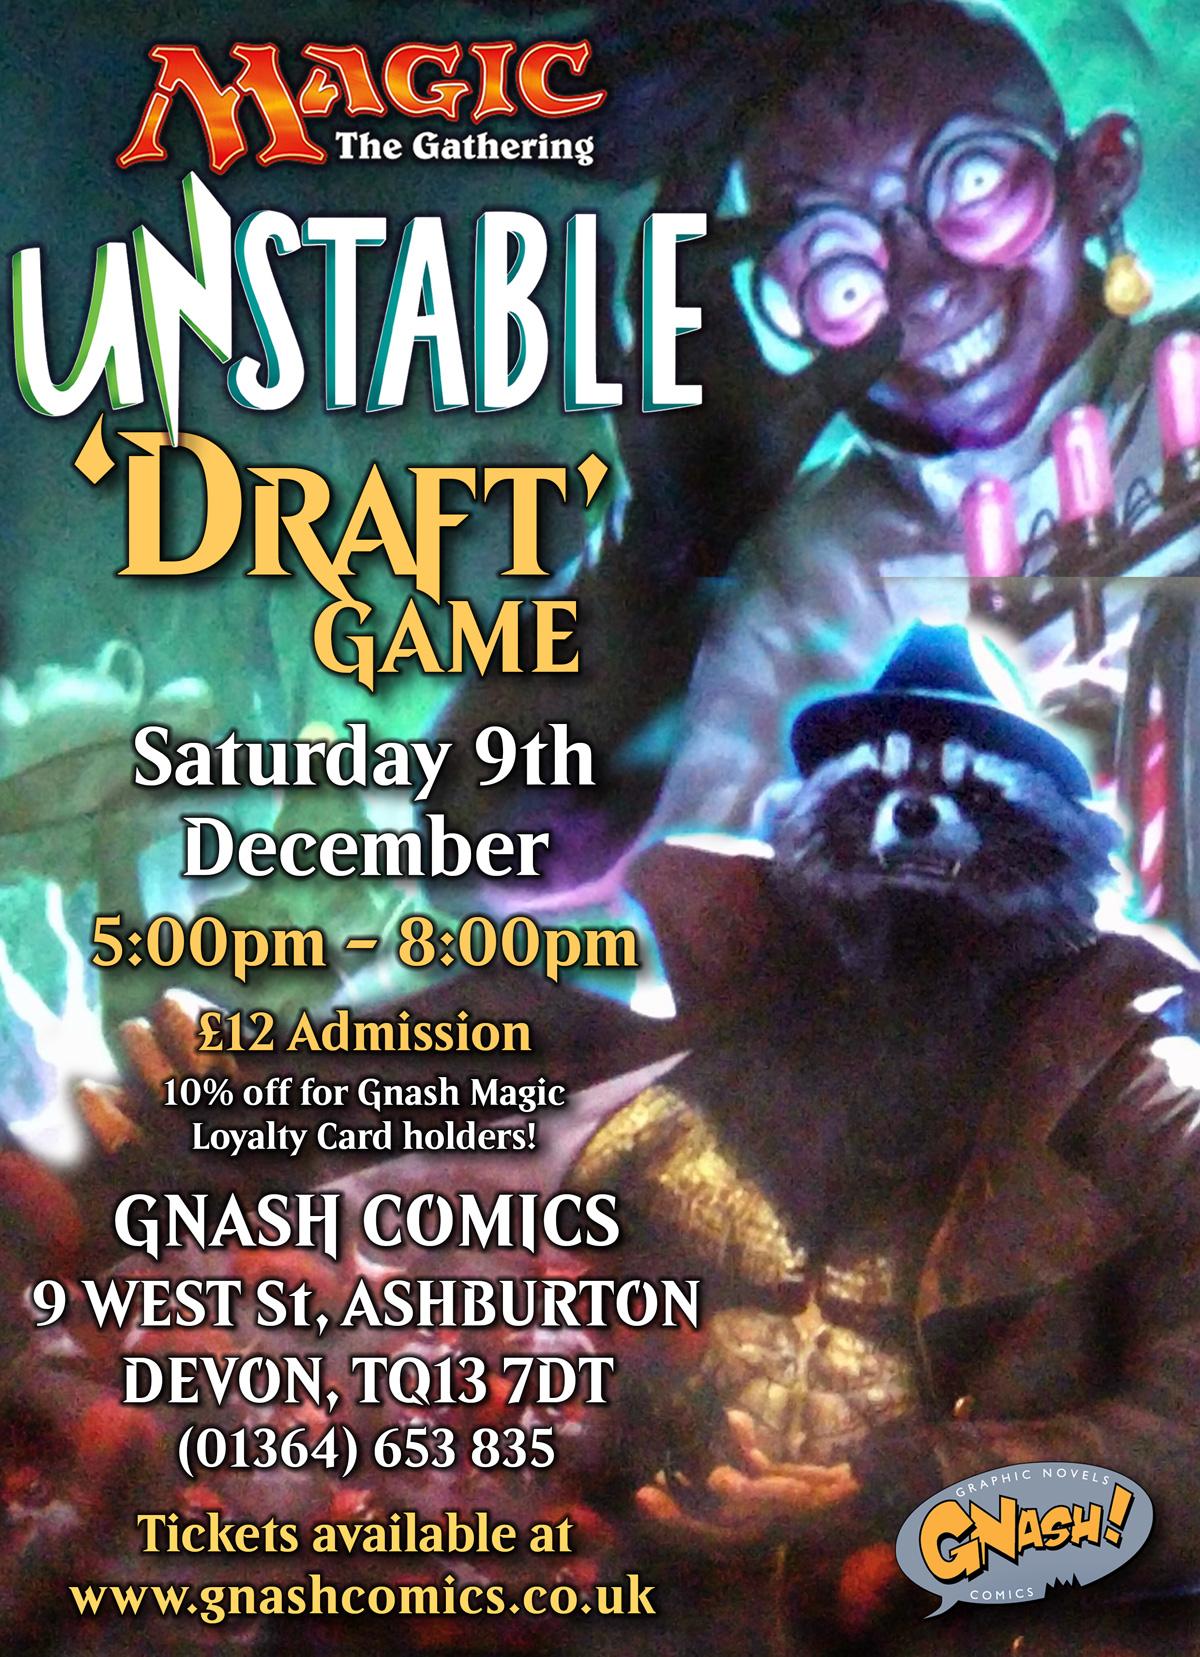 unstable draft magic the gathering mtg gnash comics devon ashburton